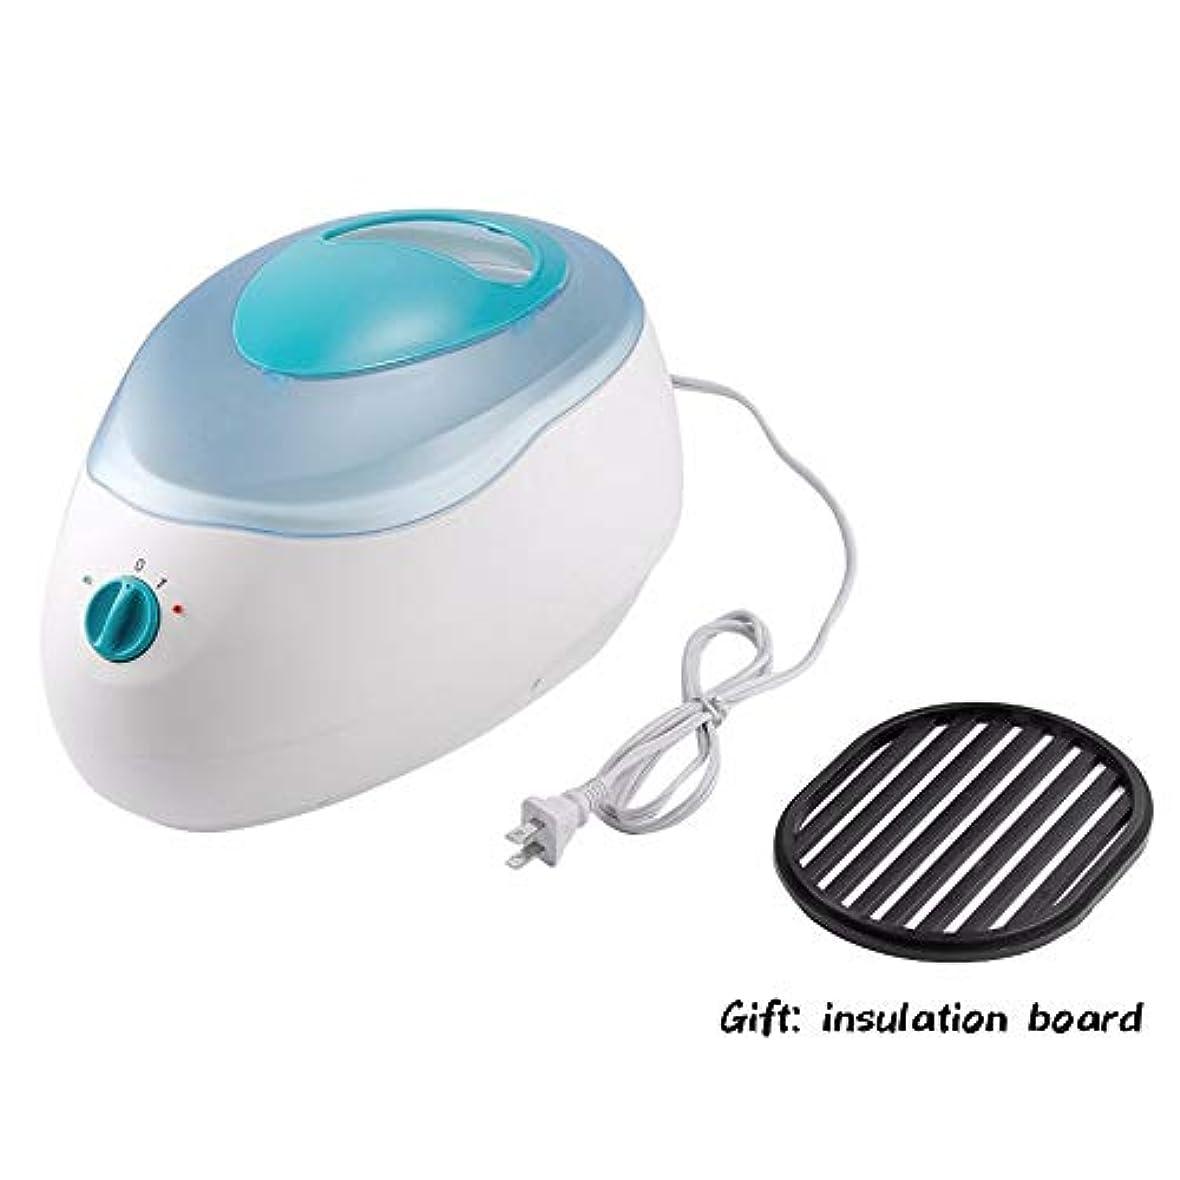 クルー印象派兄ワックスヒーター機200ワットパラフィンヒーター療法浴室ワックスポットヒーター美容院スパ2レベル制御機用スキンケアツール